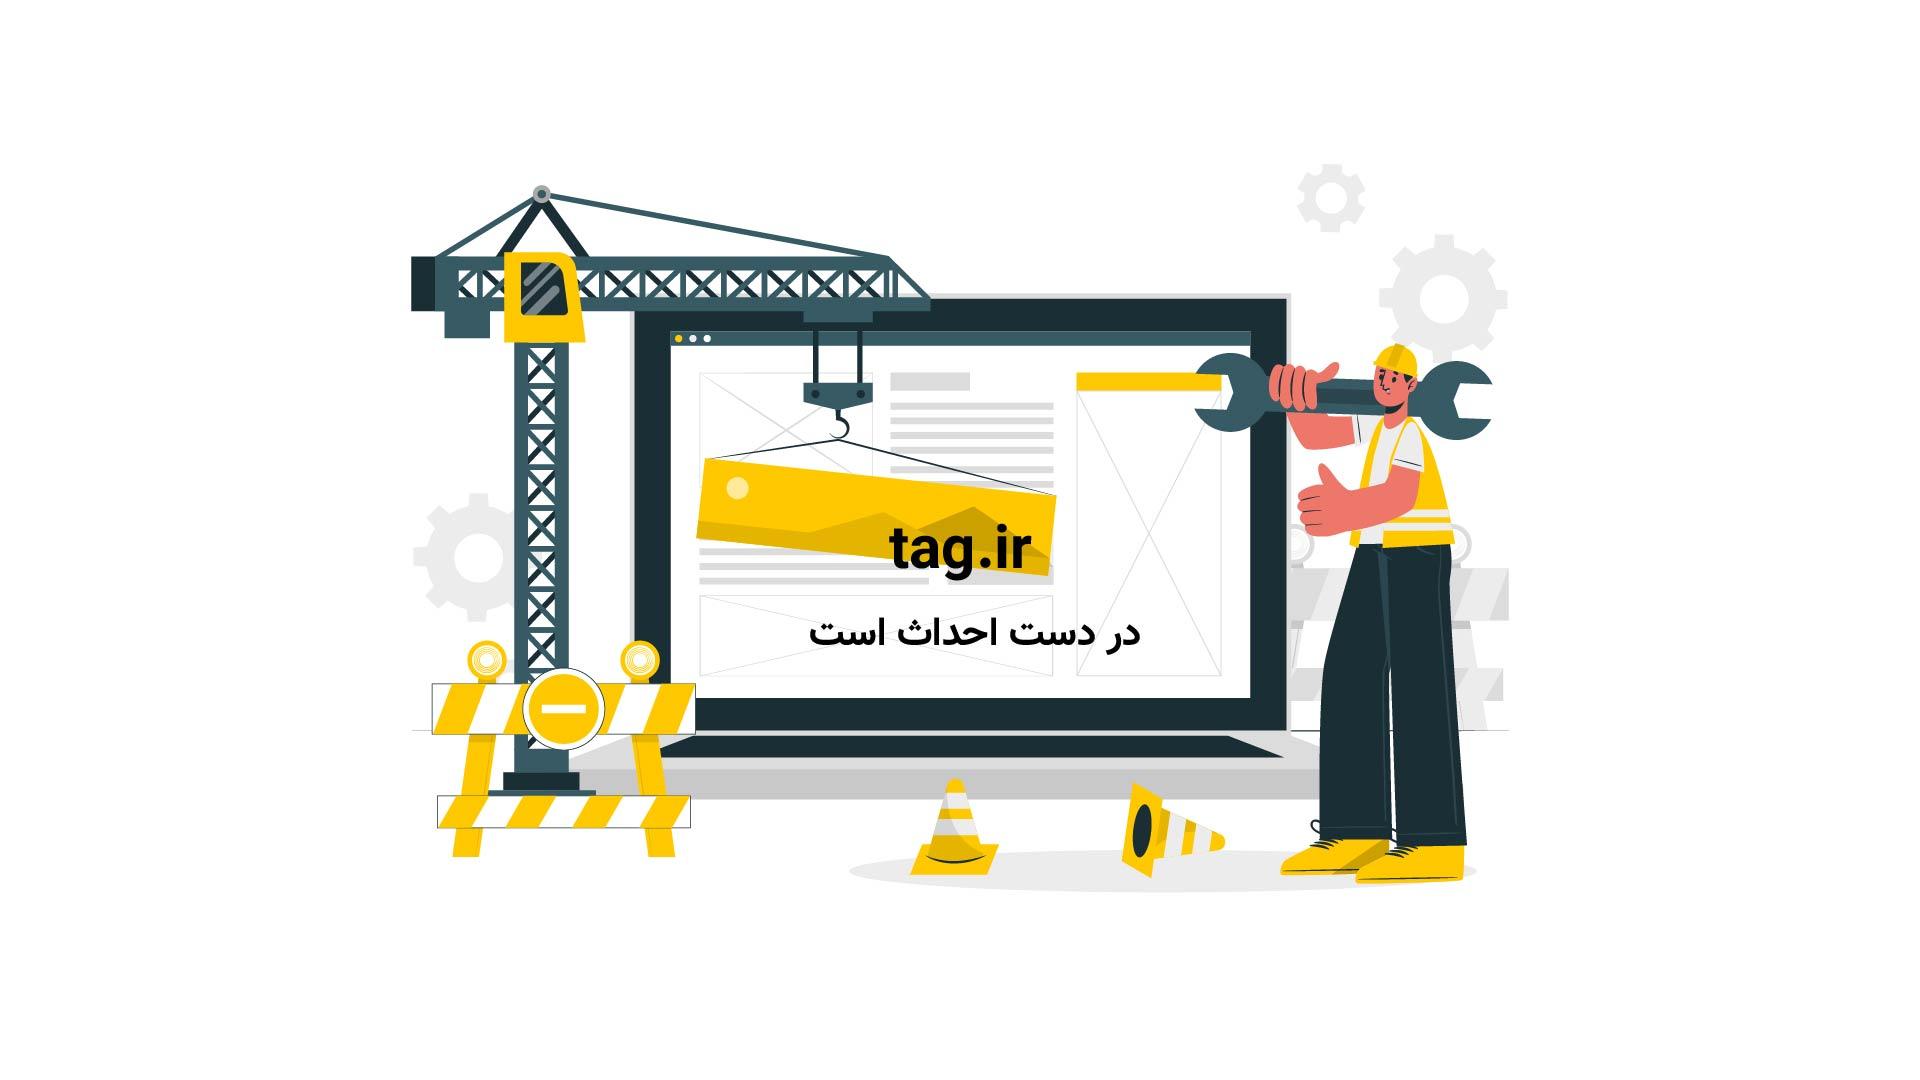 تغذیه شکارچیهای دریا از انبوه ماهیهای ساردین | فیلم